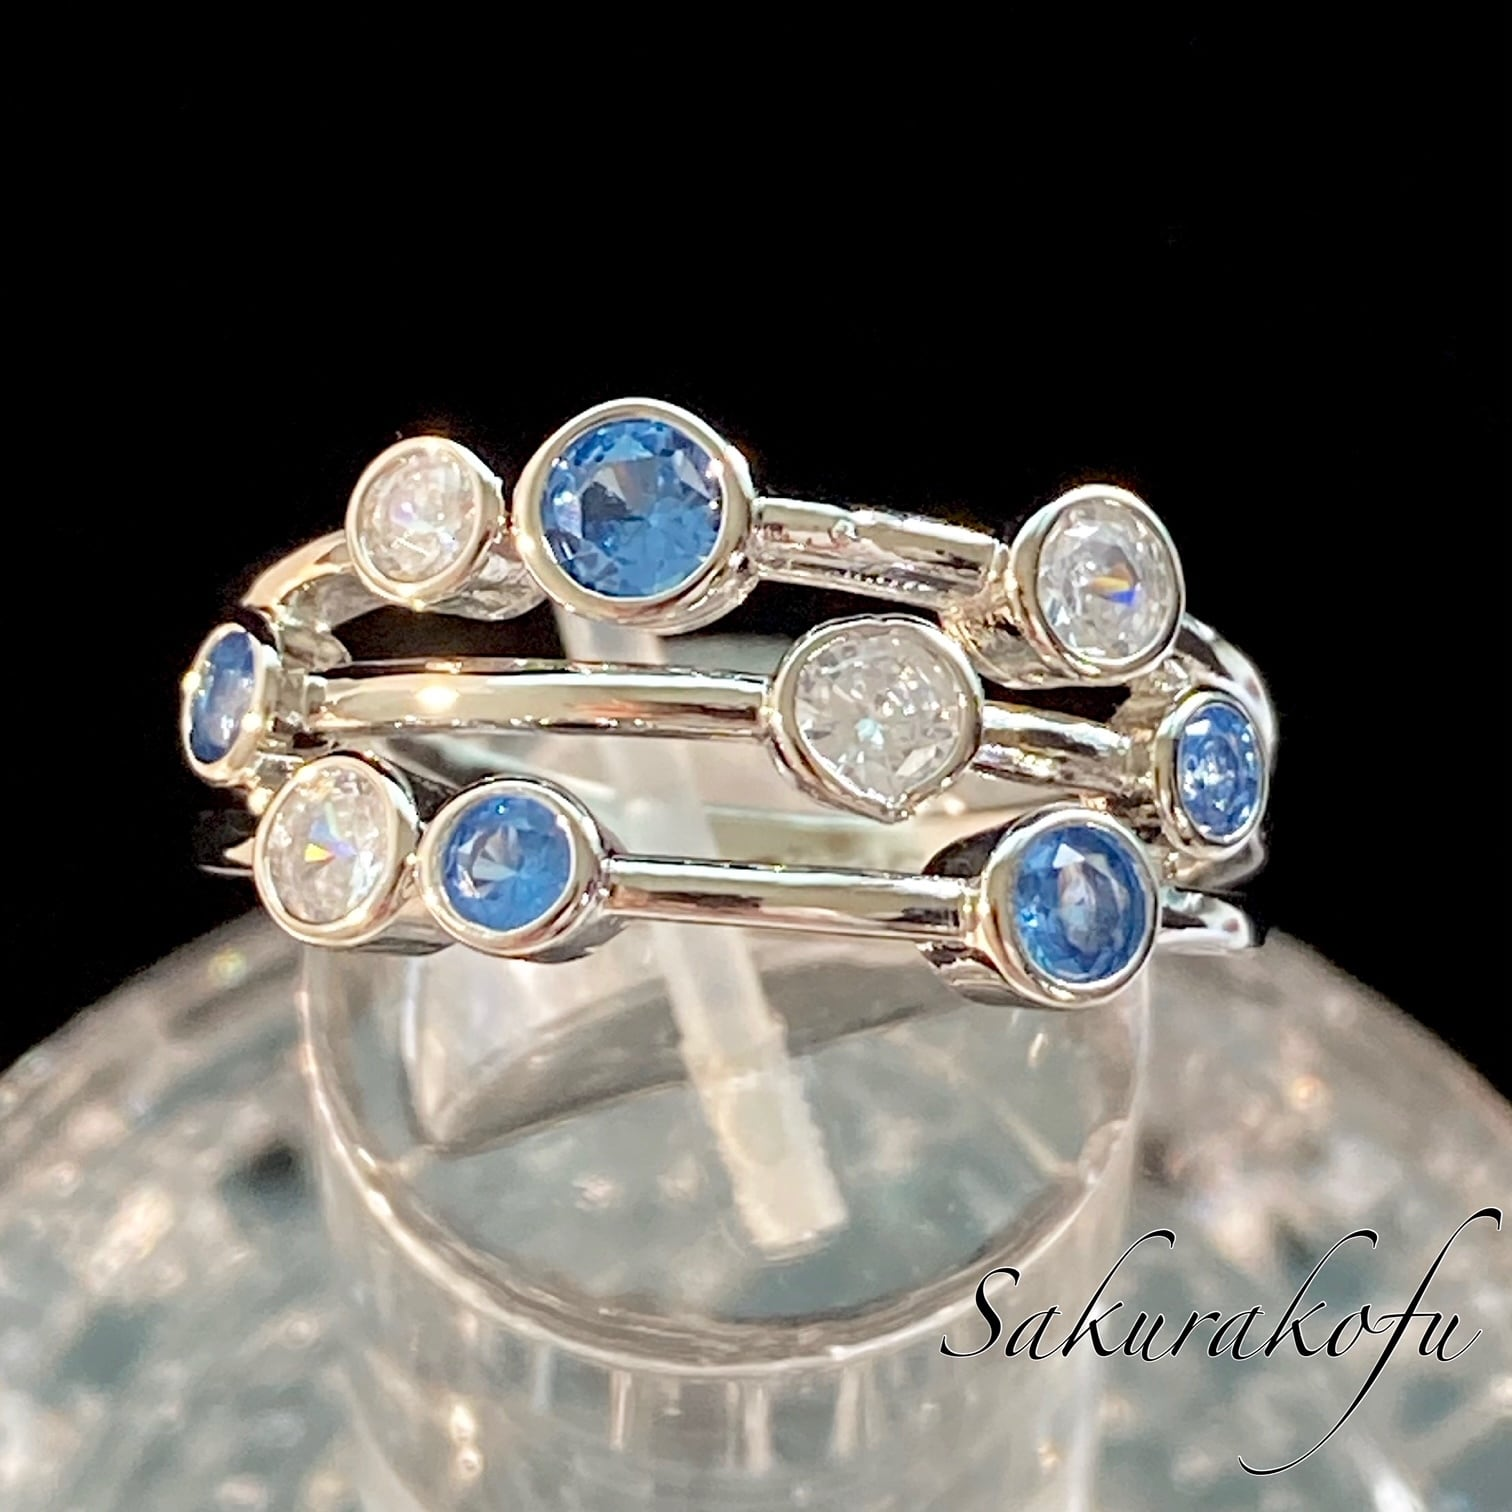 D088 送料無料 人気デザイン レディース リング 指輪 アクアマリン ブルー キュービック シルバージュエリー デザイナーリング